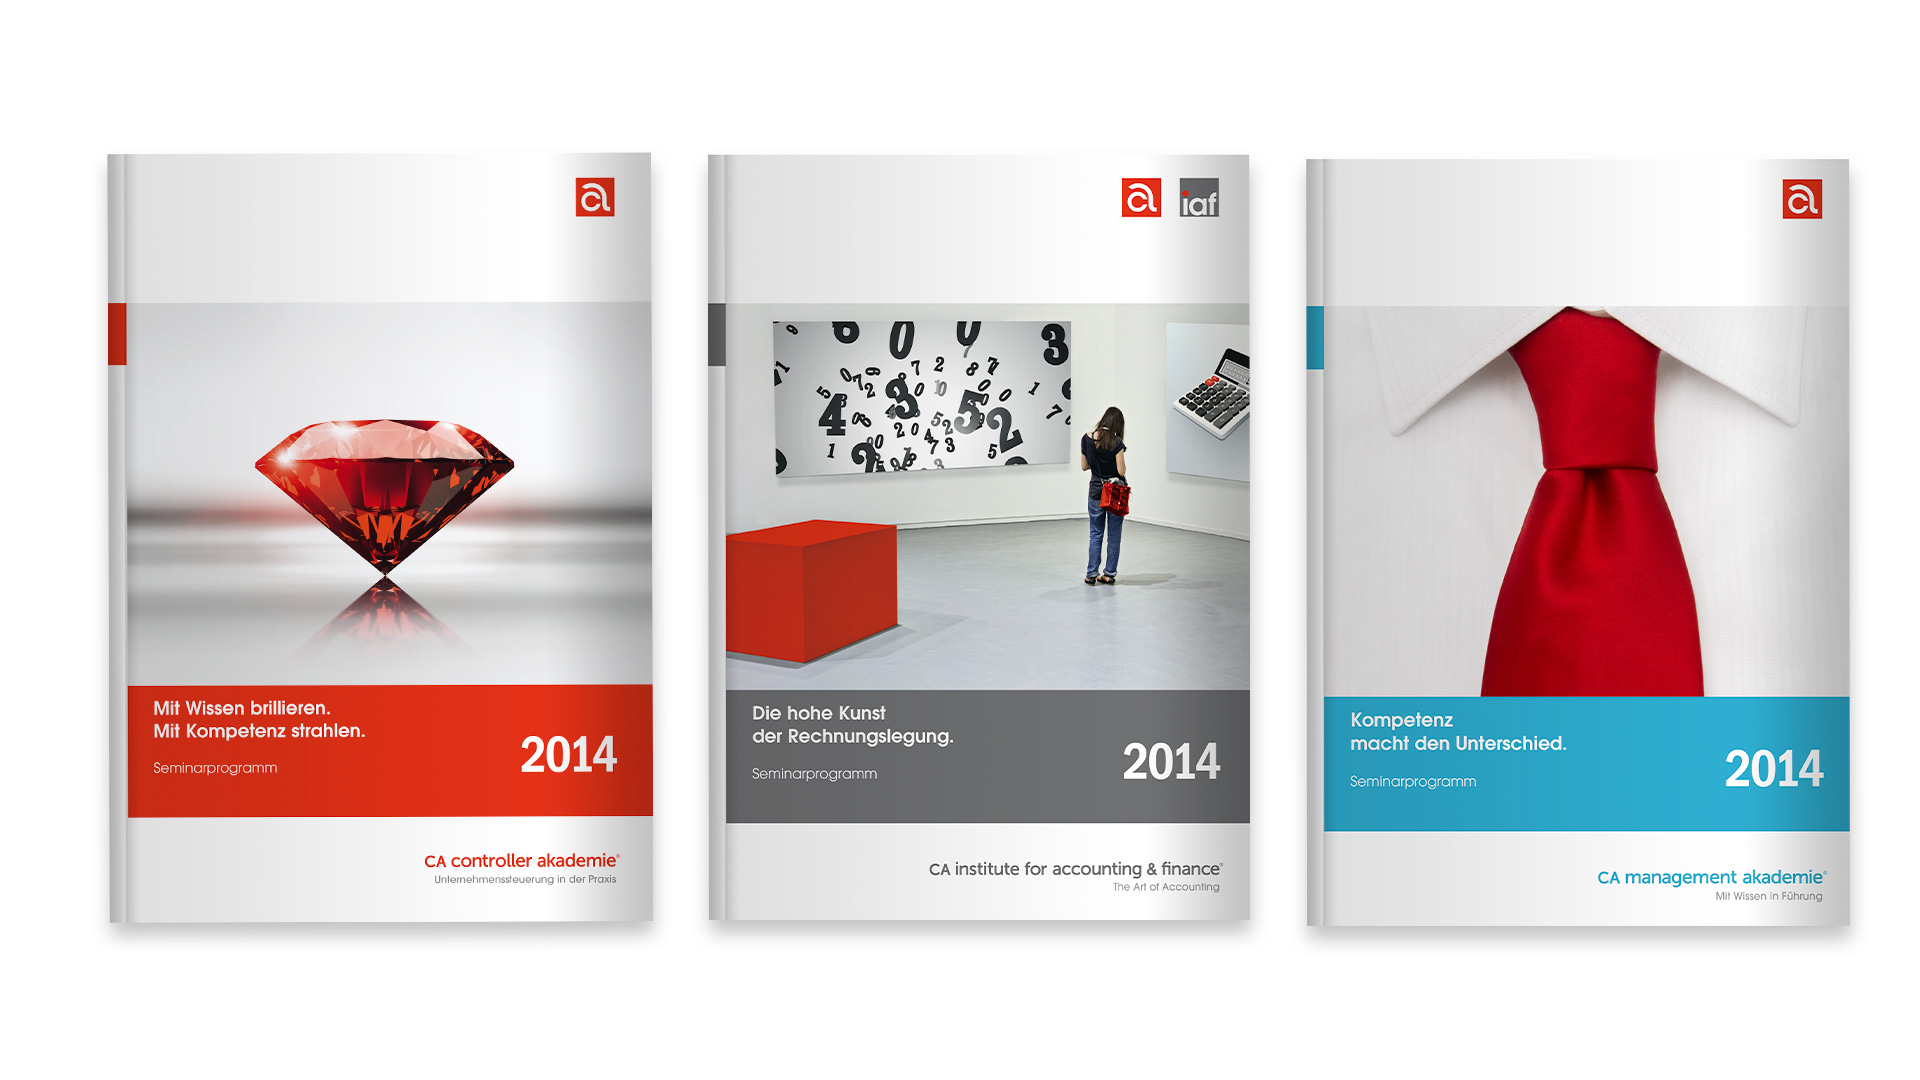 jahresprogramme 2014 ca akademie